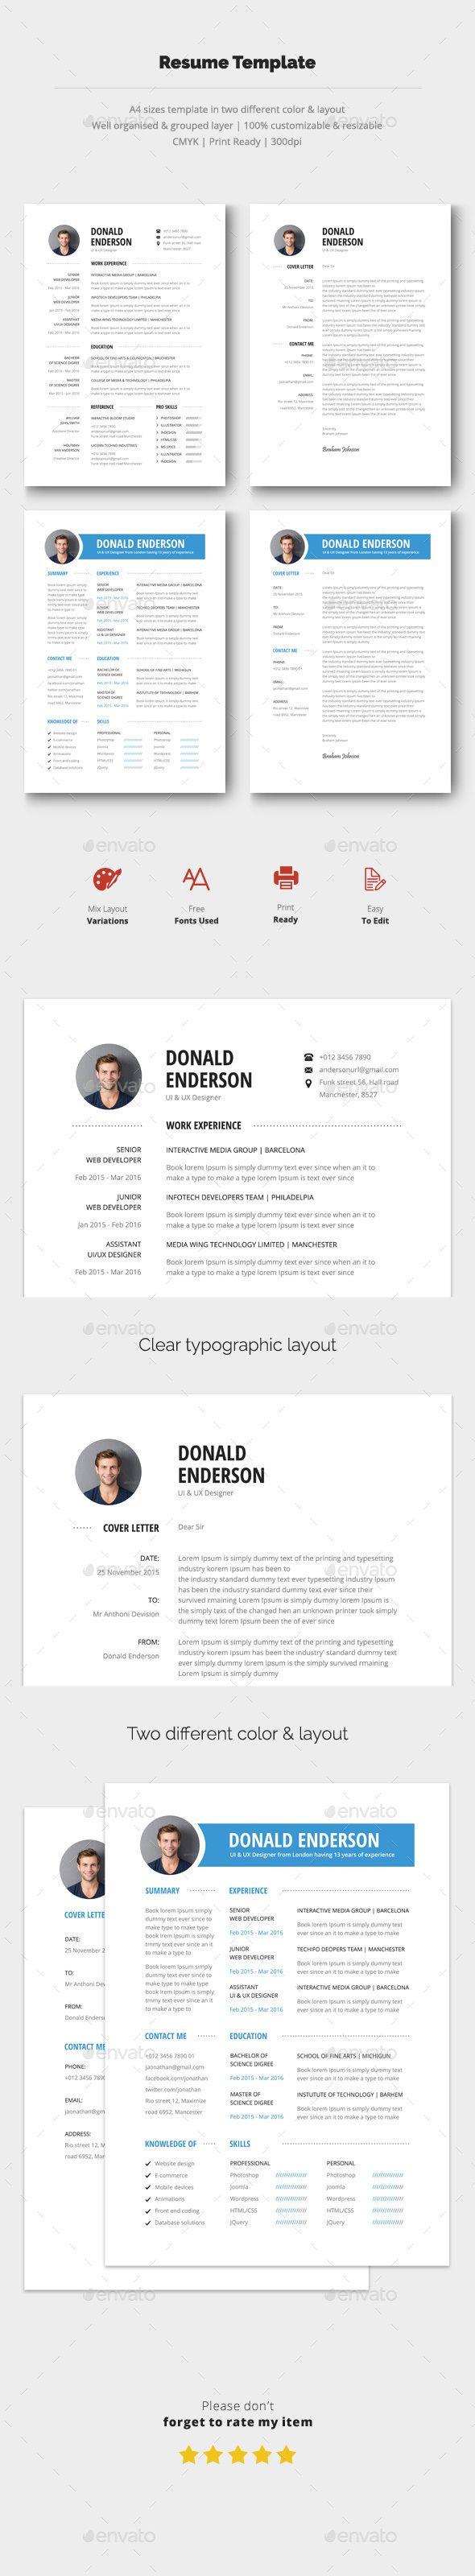 Resume & Cover Letter Template PSD #design Download: http://graphicriver.net/item/resume-cover-letter/14346925?ref=ksioks